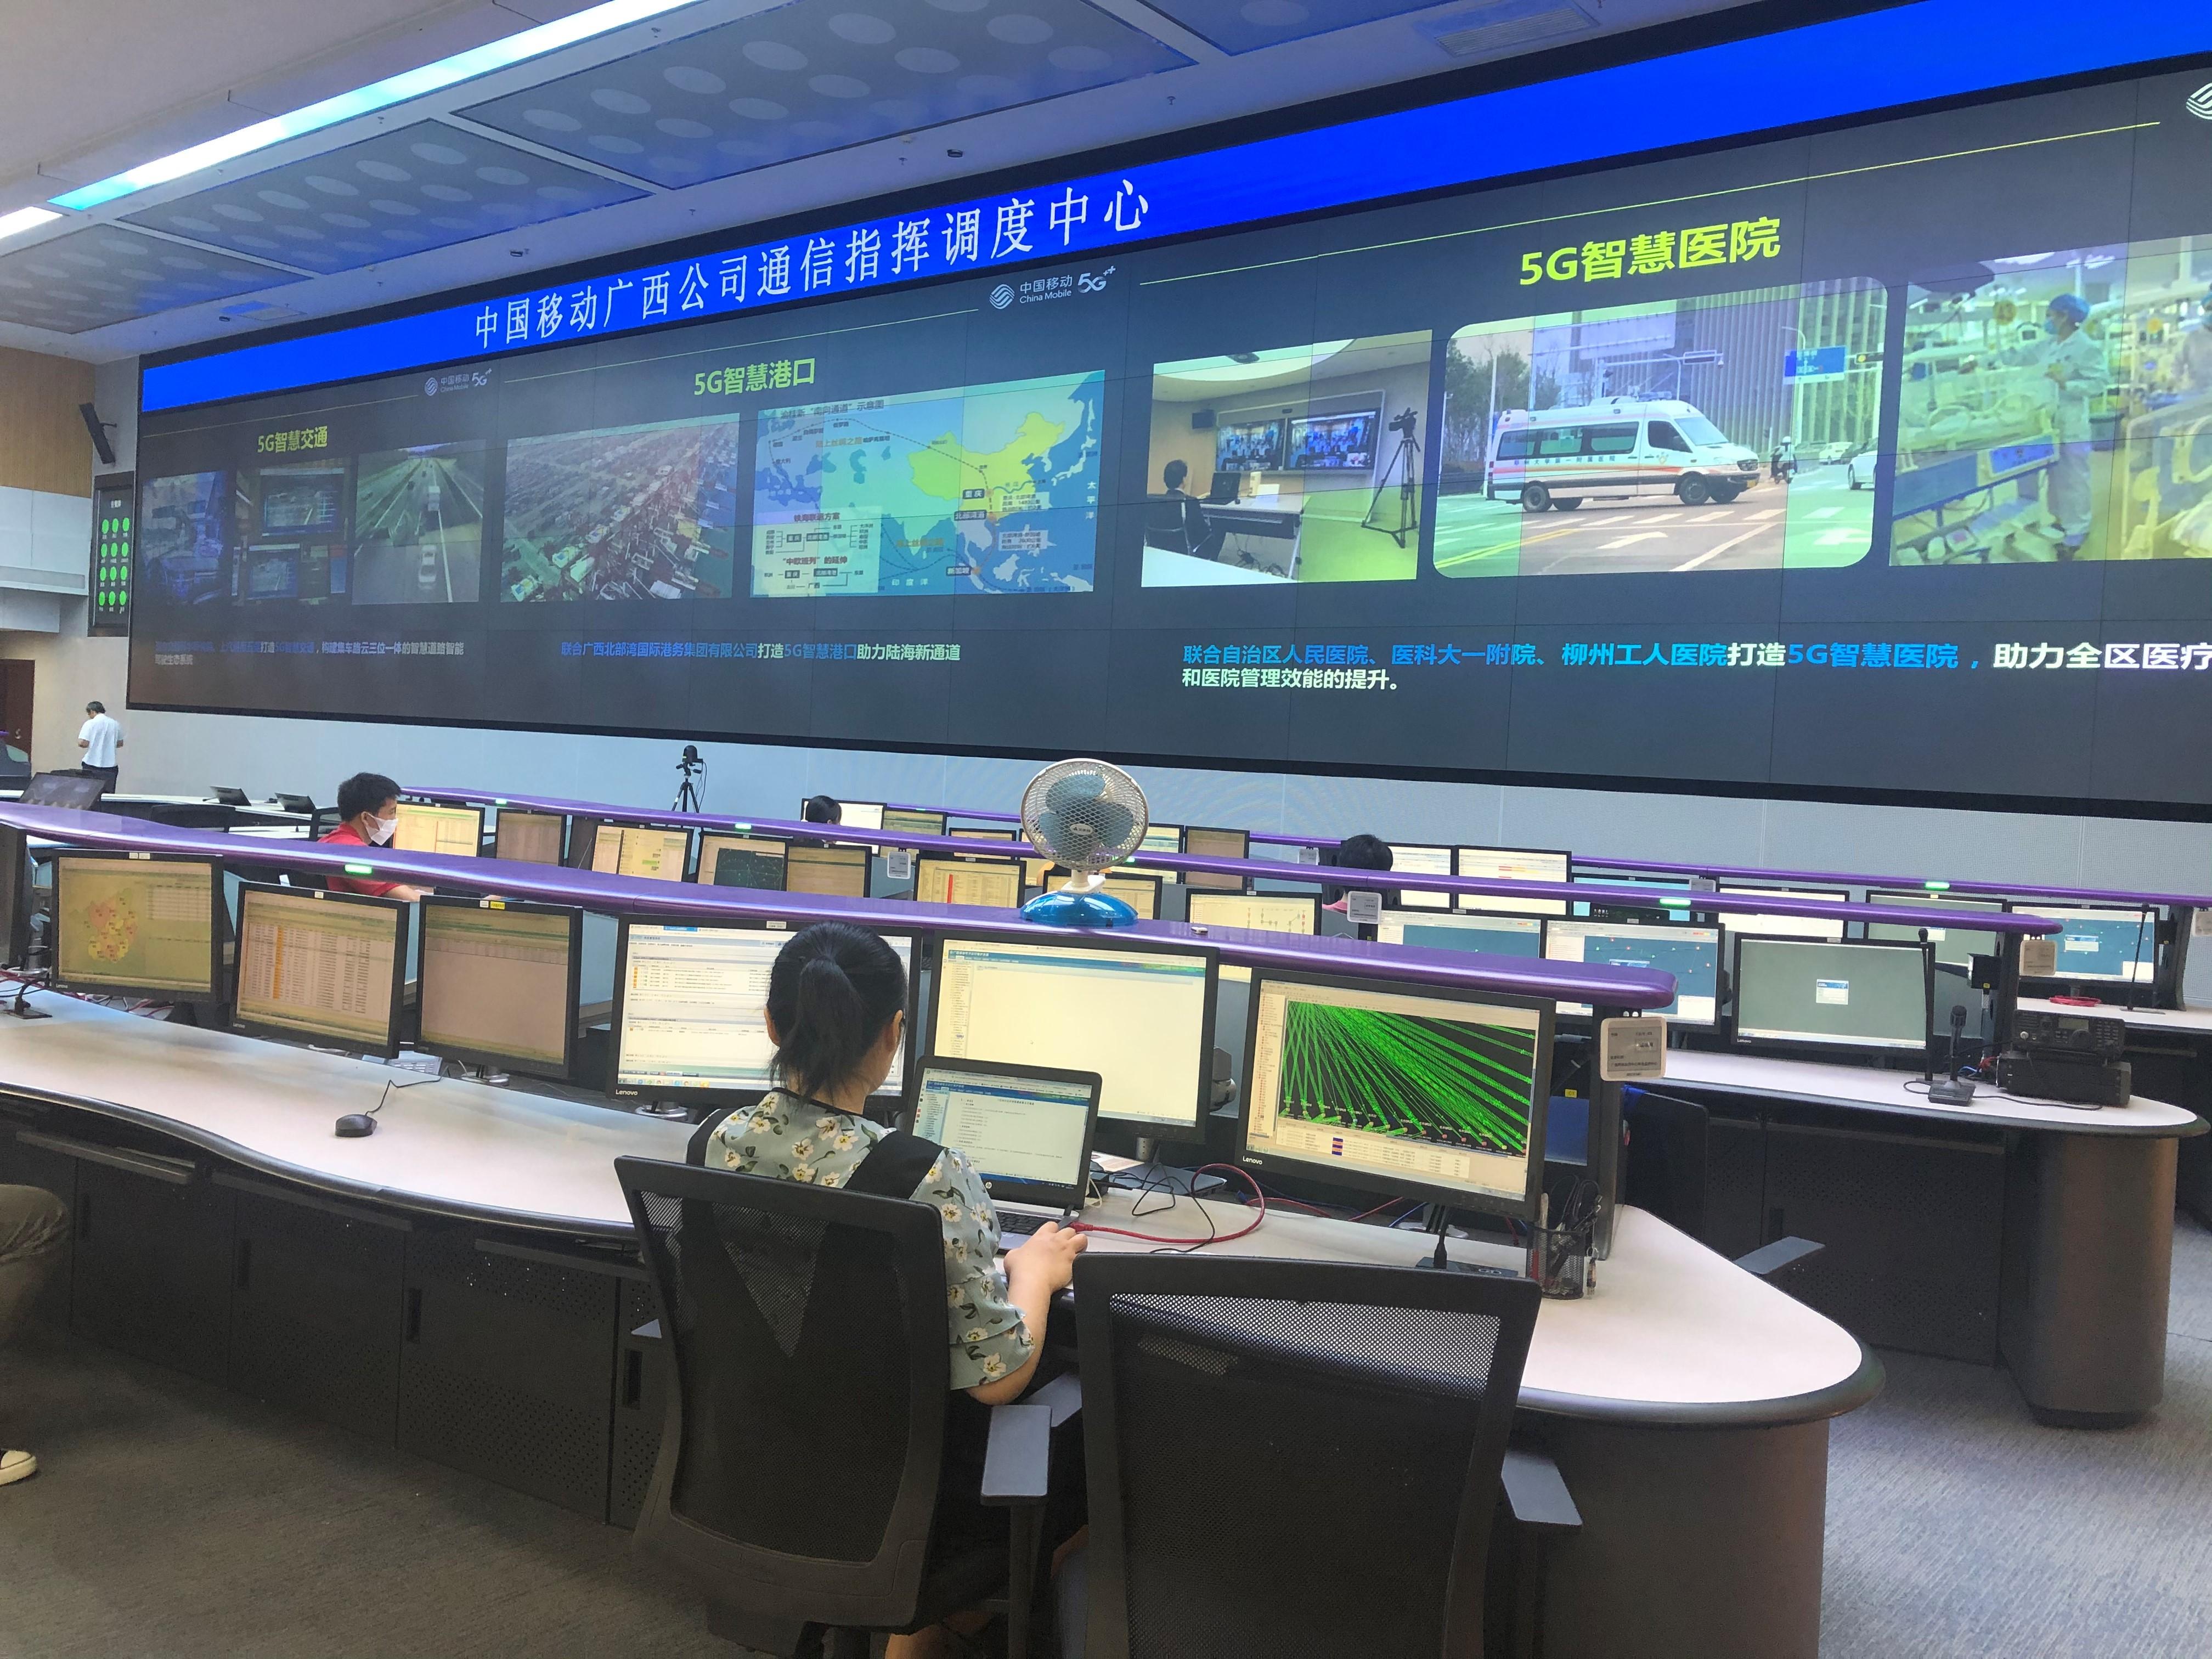 图为位于广西移动(五象)数字信息中心的指挥调度中心,这里可以监控数据中心的运转情况。李勤虹 摄